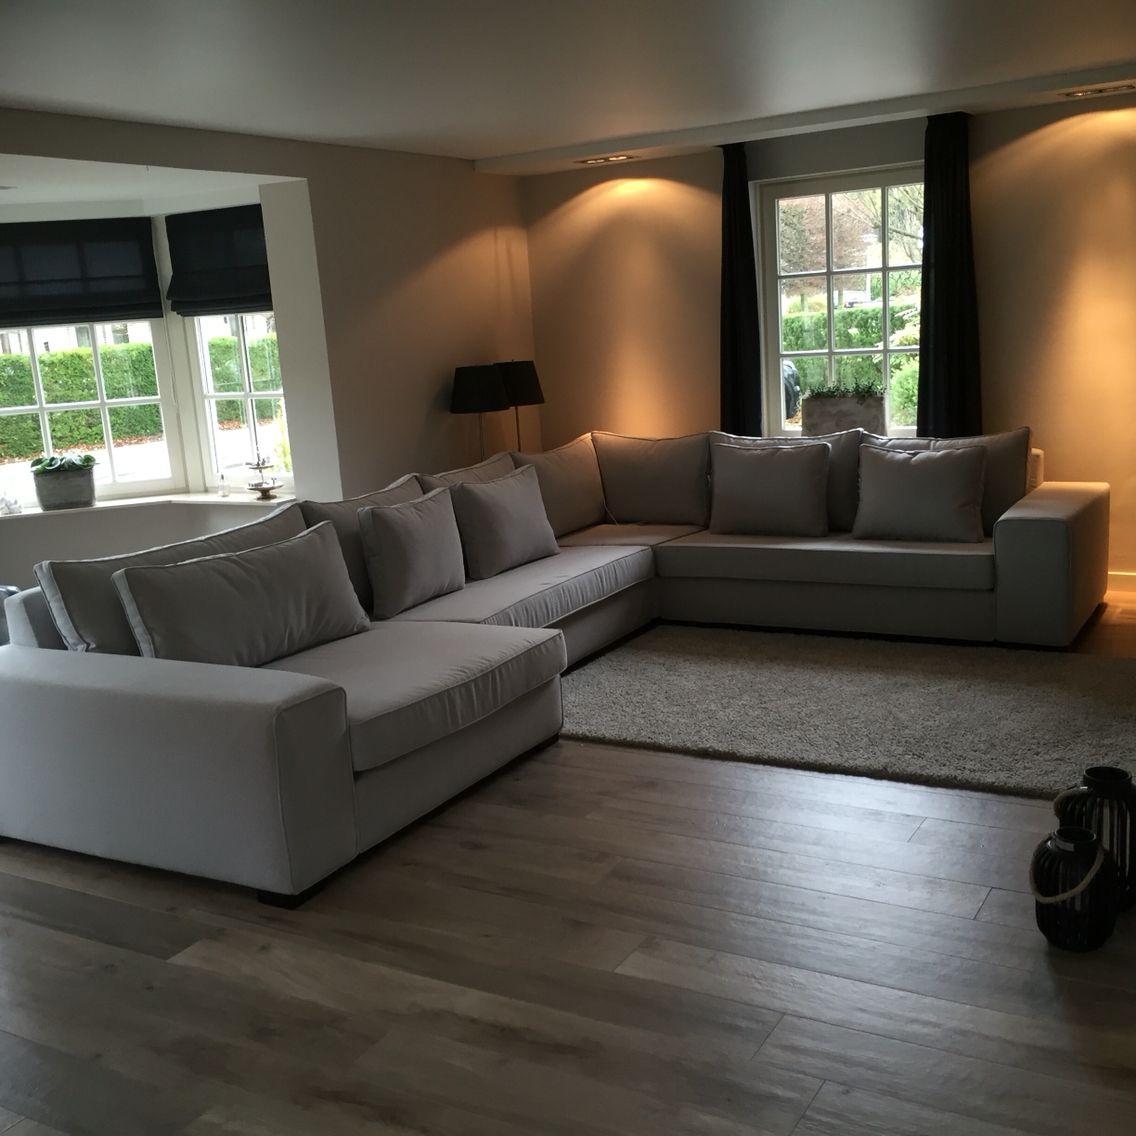 Bocx bank. Nov \'15. Antraciet met lichtgrijs interieur. | Livingroom ...